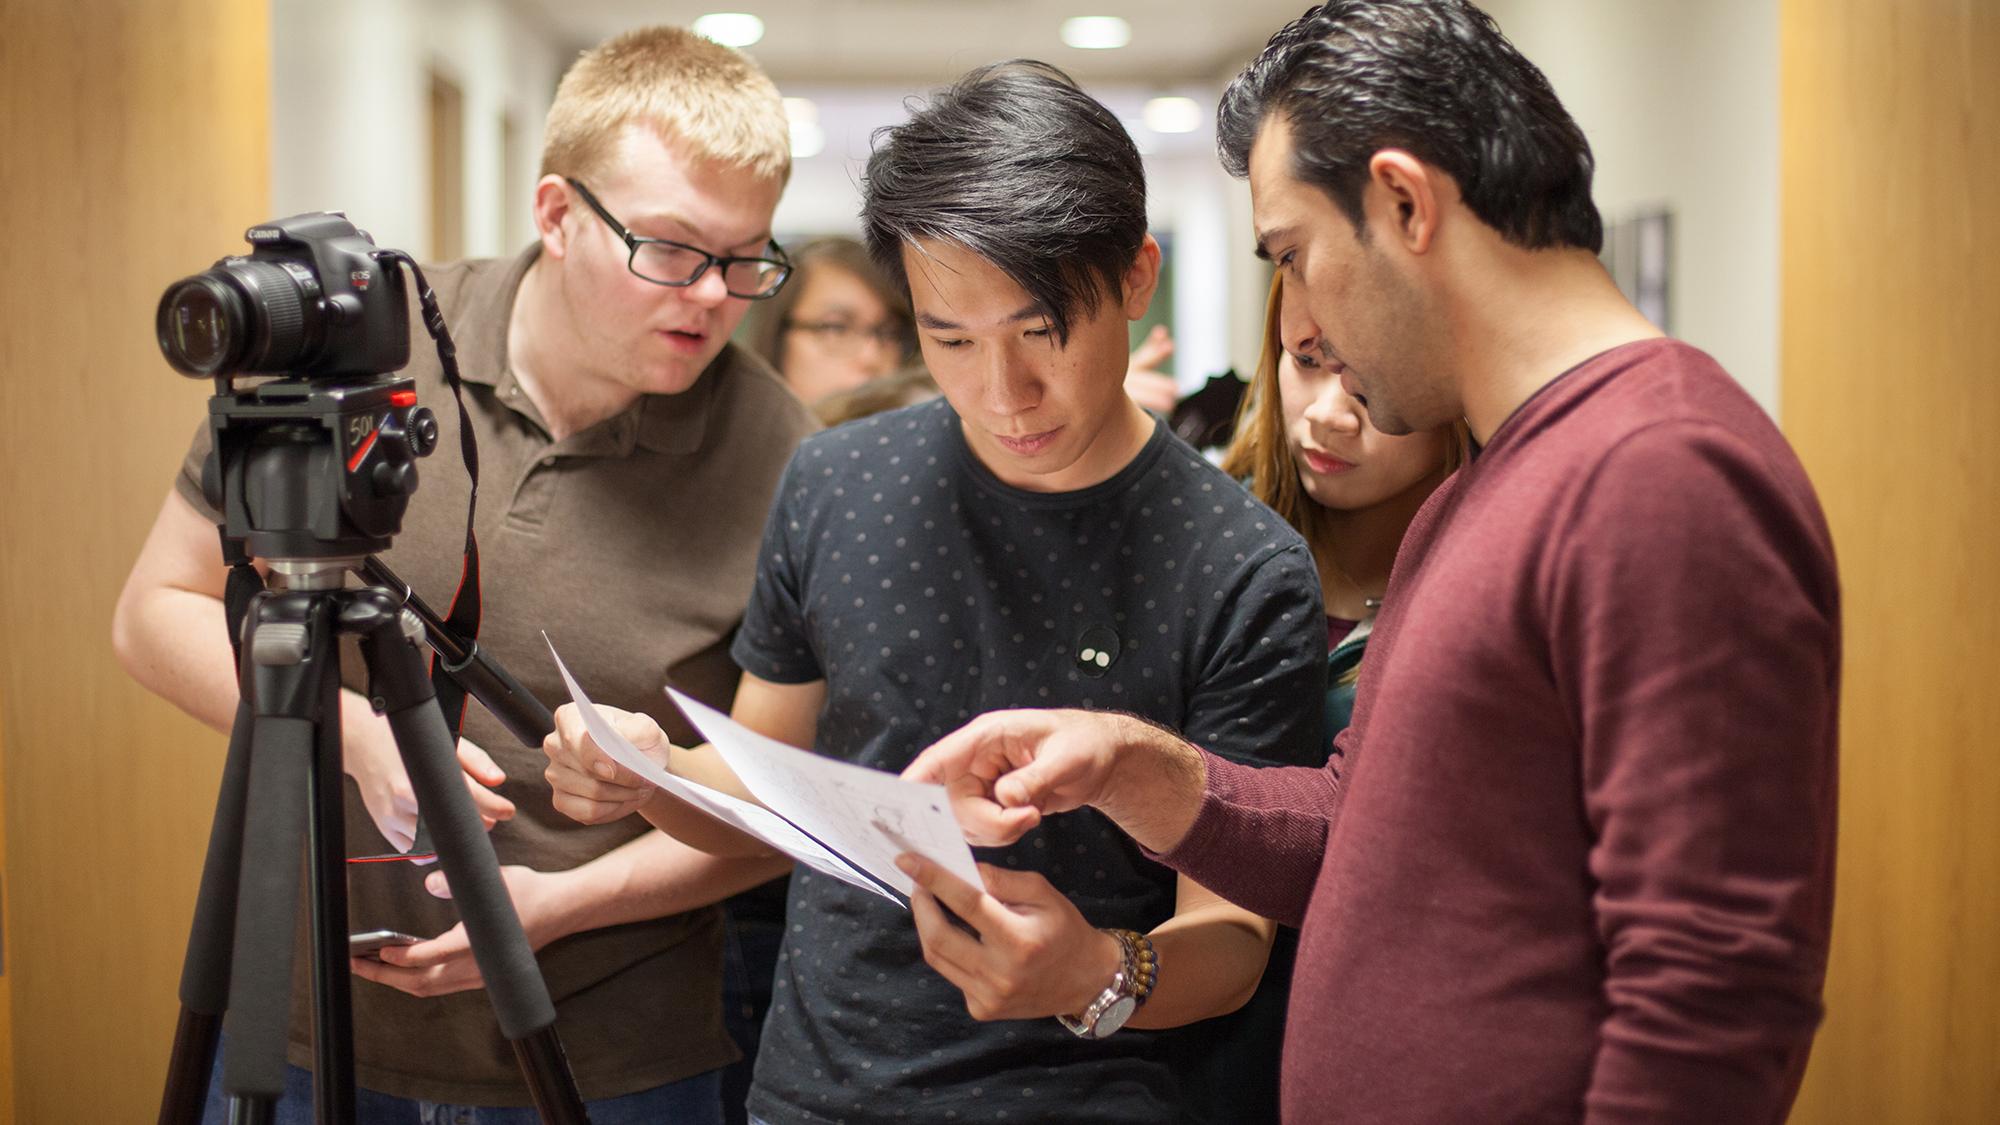 瓦尔帕莱索大学:我们激发您的兴趣与潜能